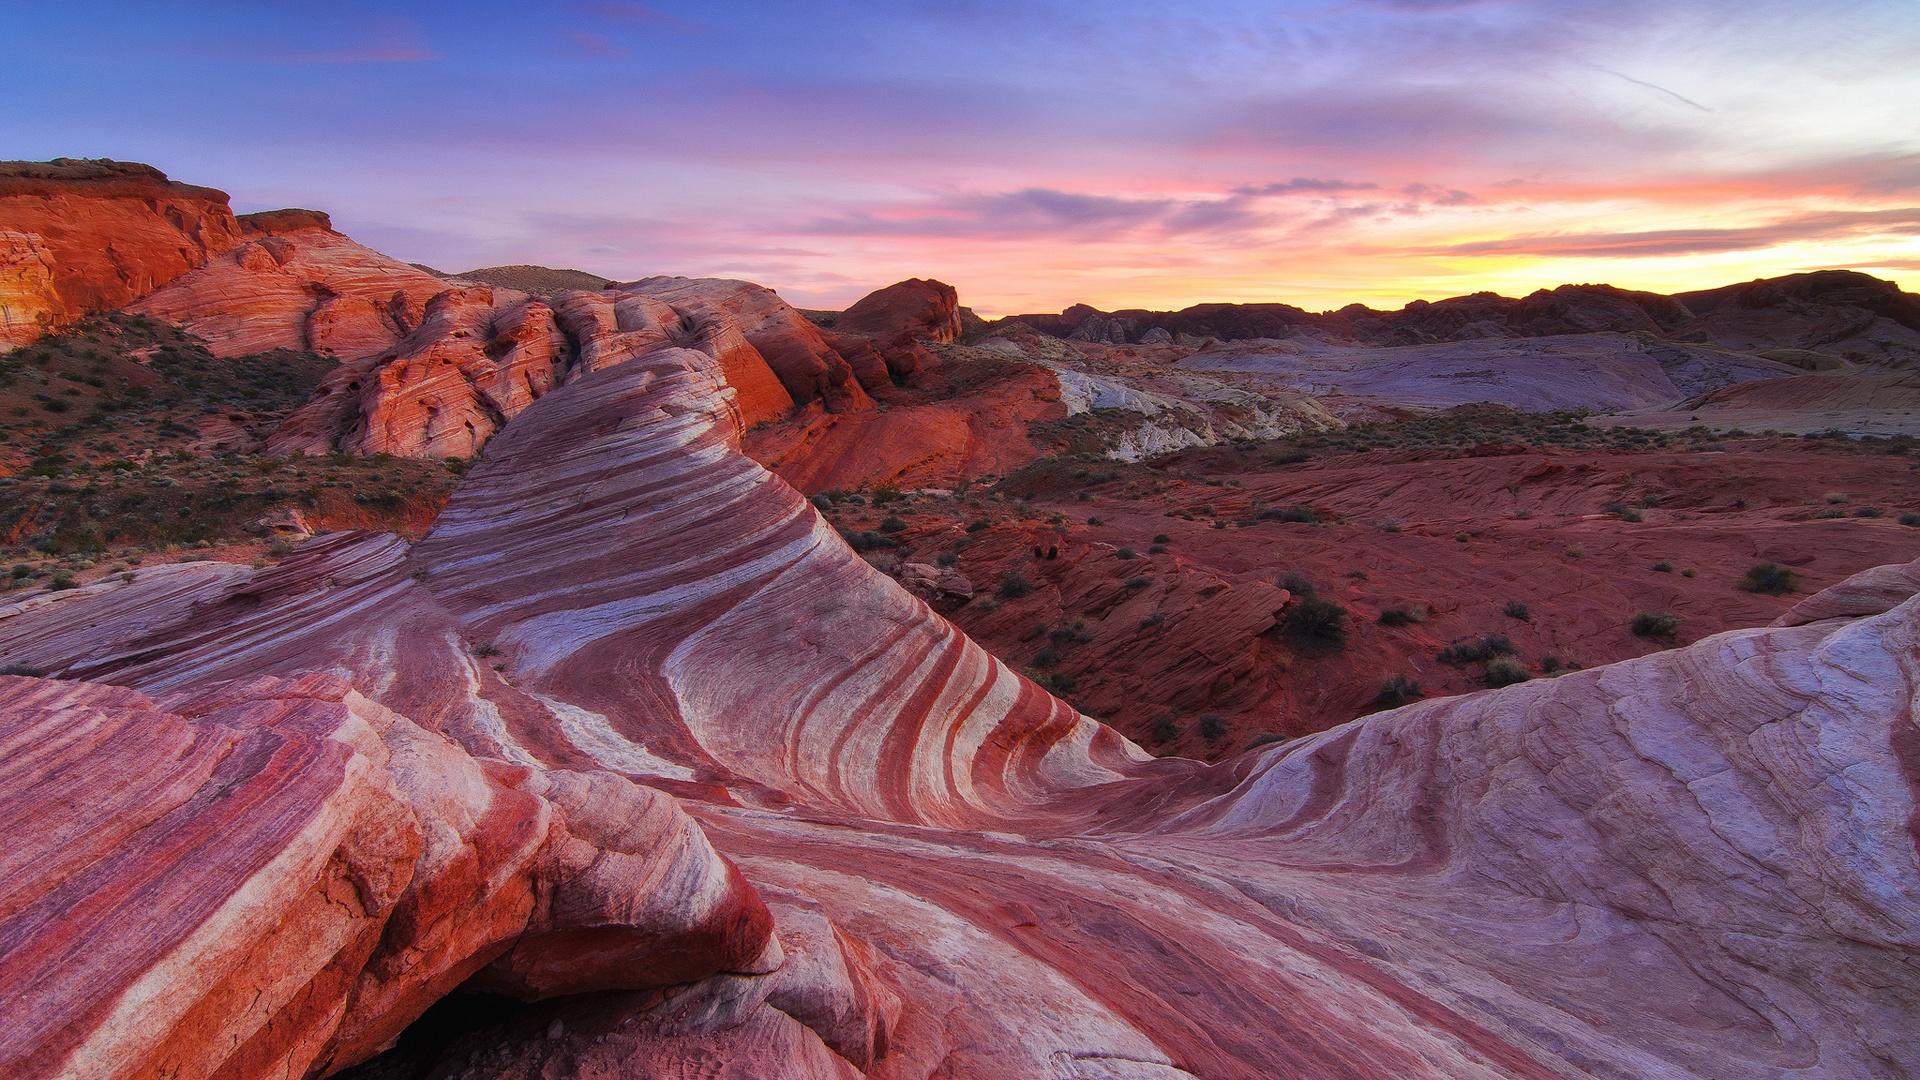 desert landscape wallpaper - photo #11